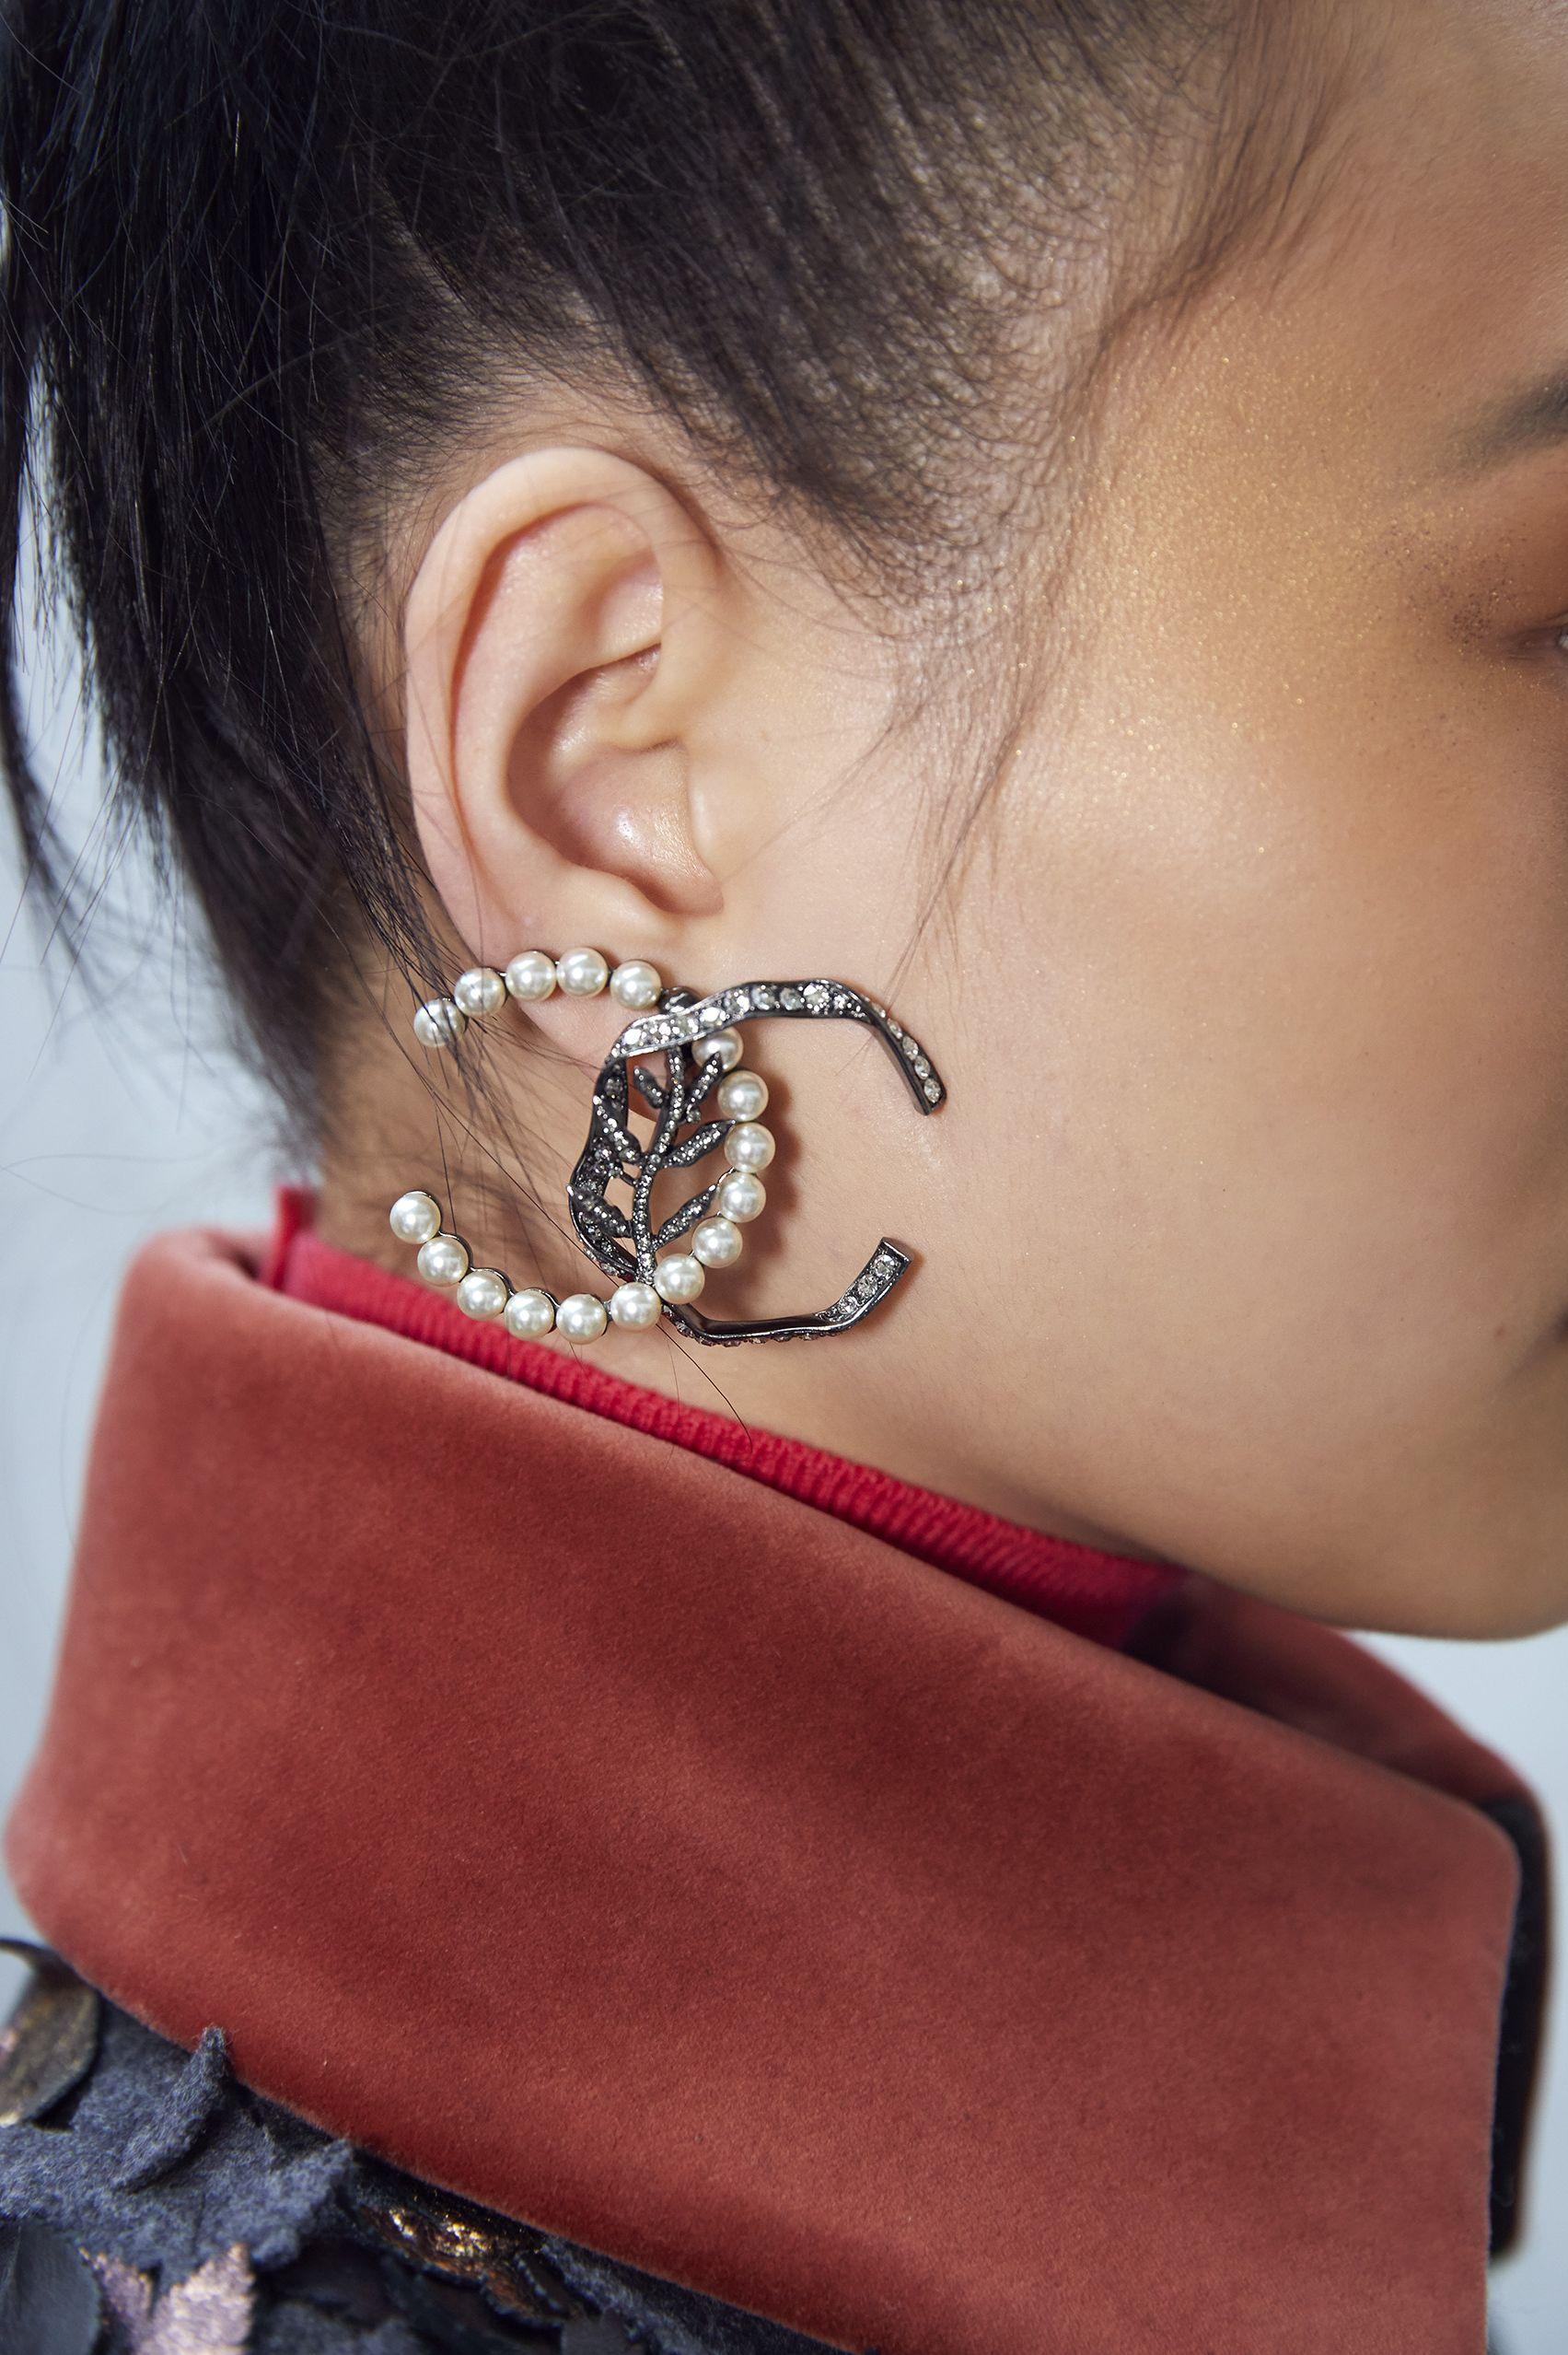 CHANEL, 耳環, 飾品, 2018秋冬時裝週